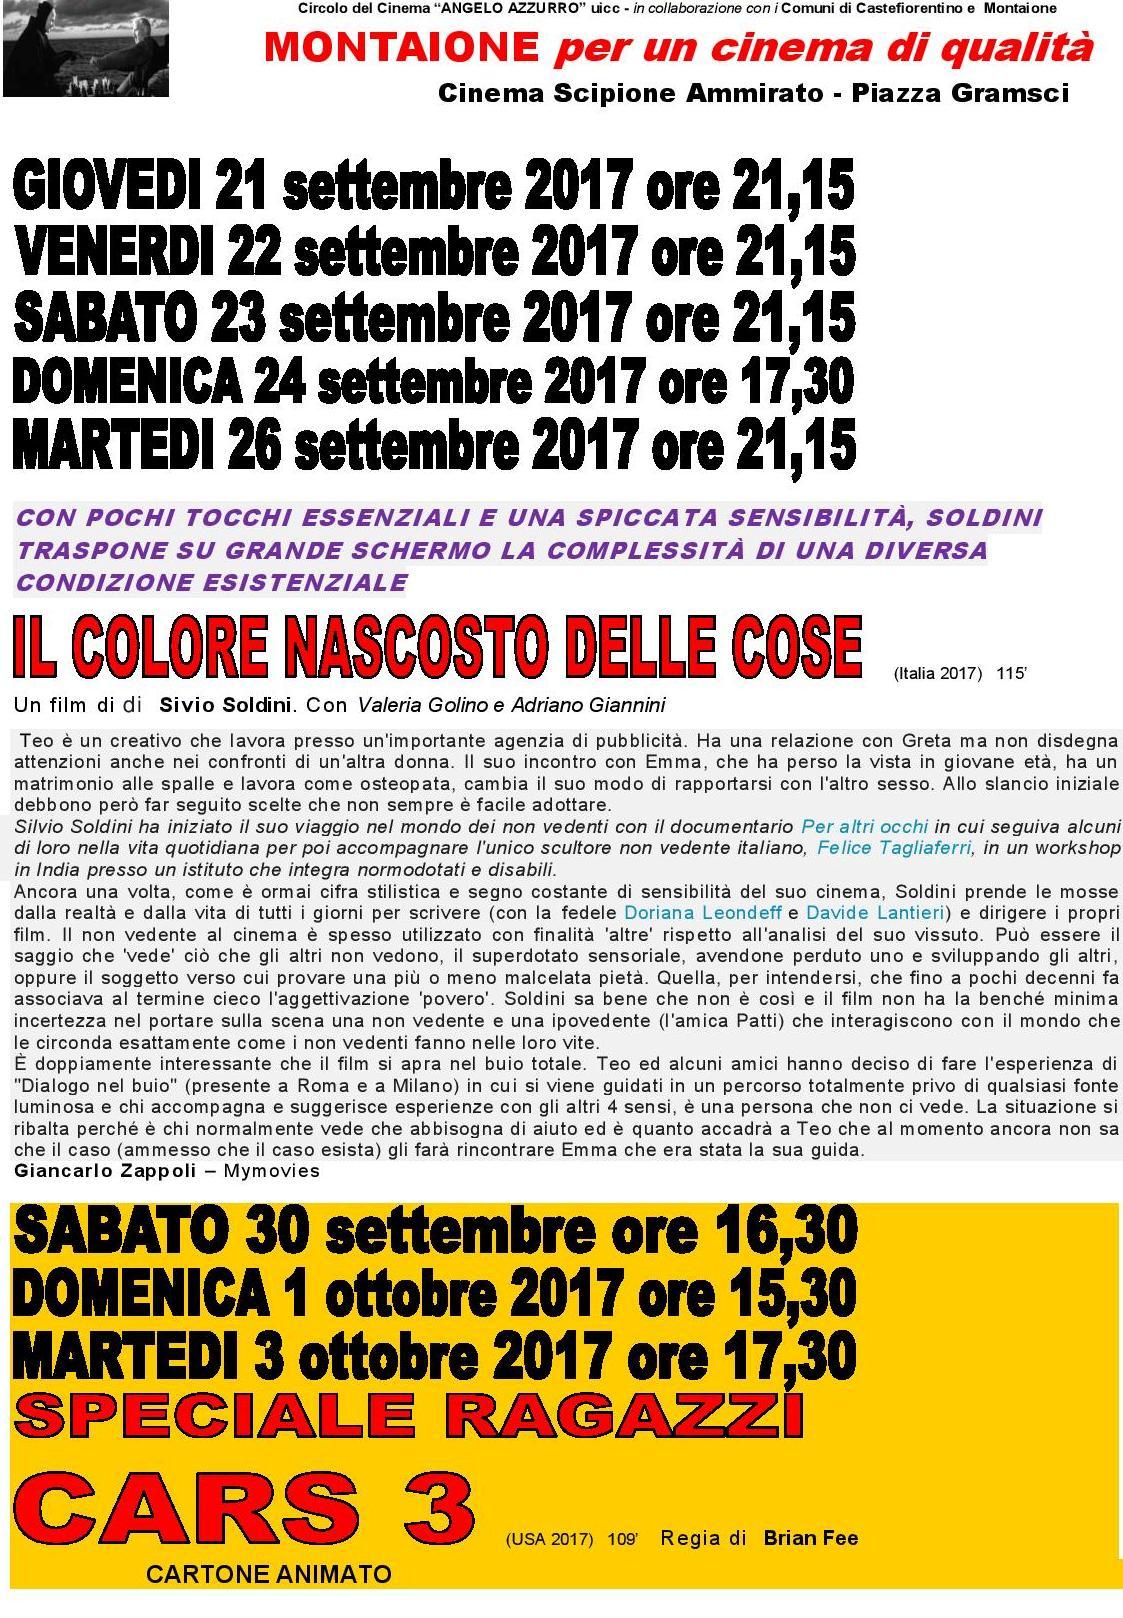 26 BOLLETTINO 18 settembre 2017-page-001